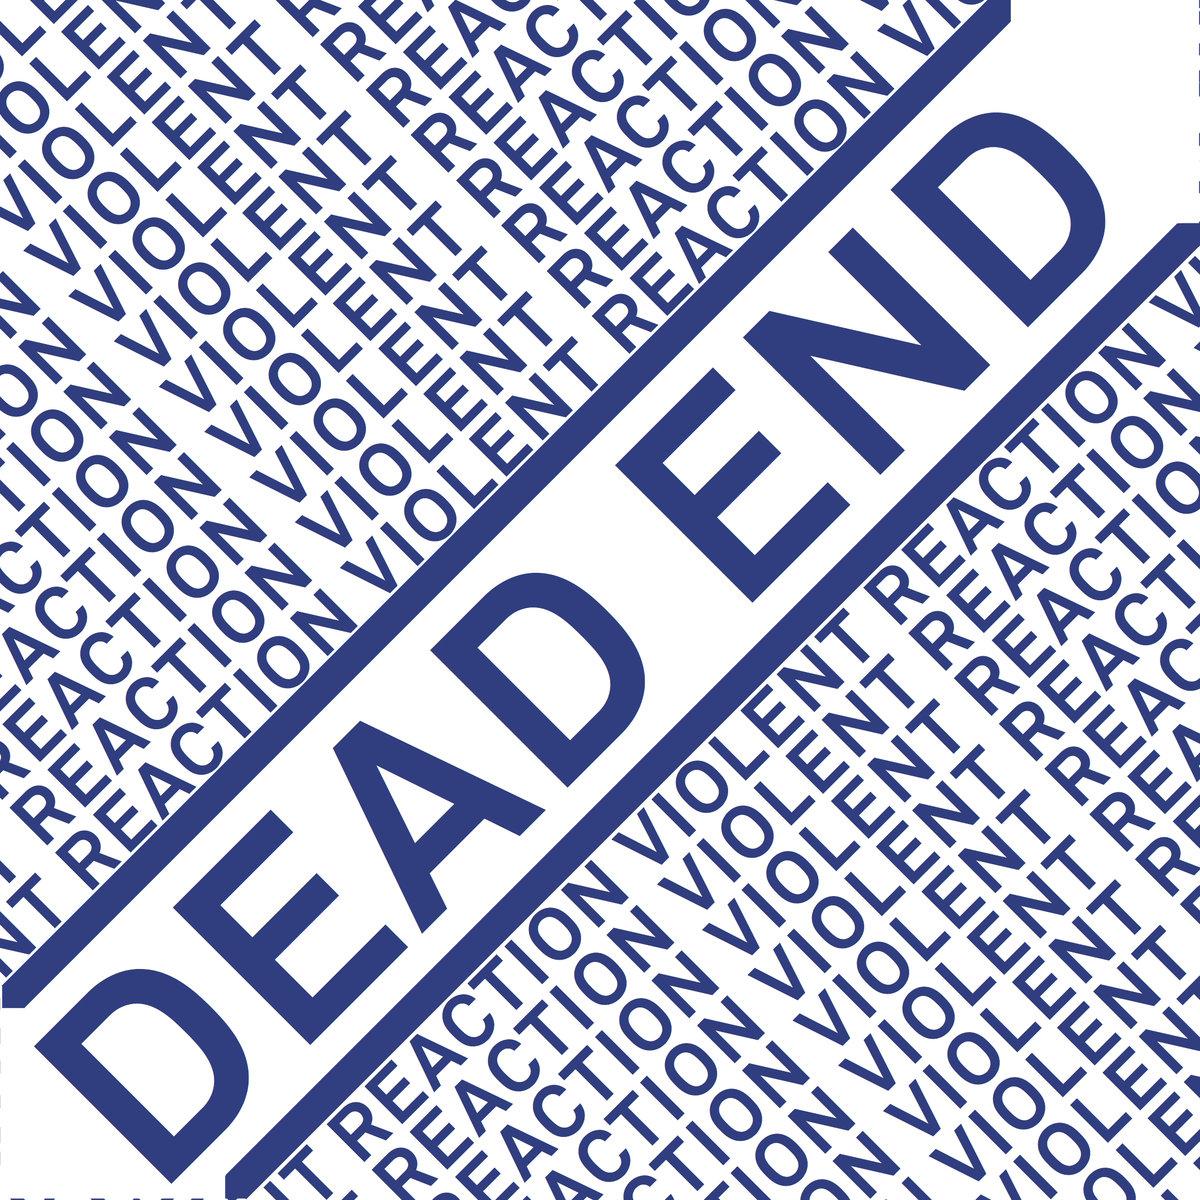 Violent Reaction - Dead end 7